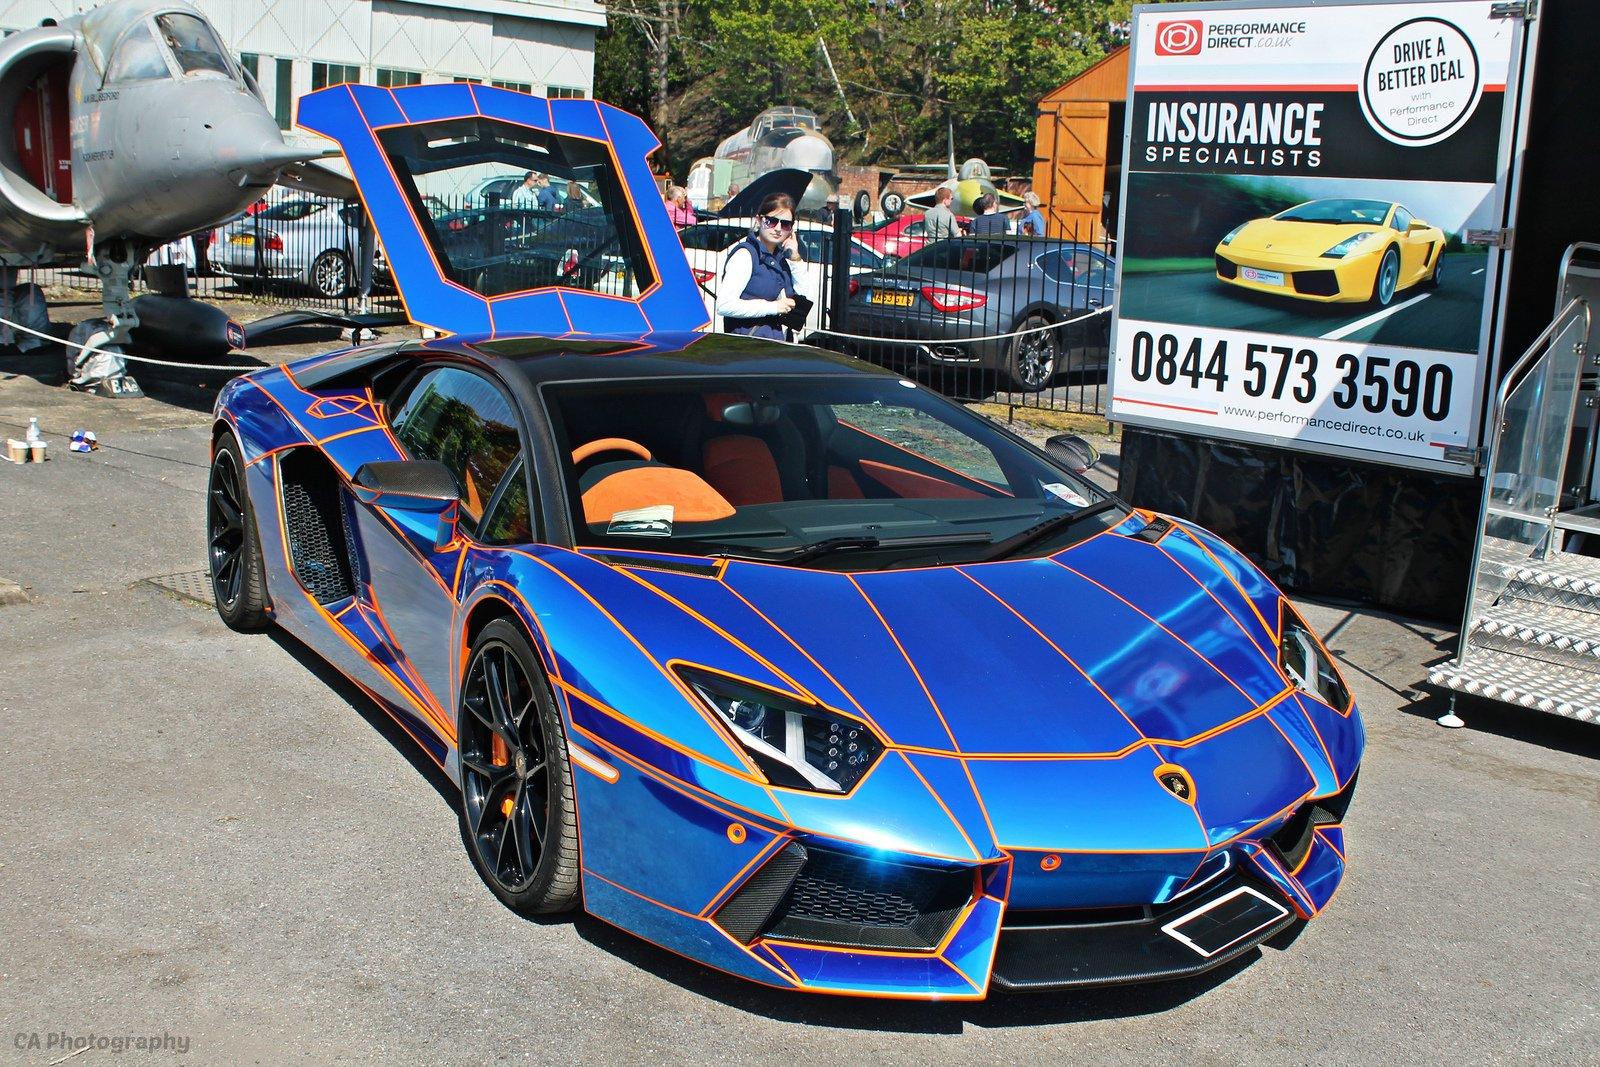 lamborghini aven lamborghini aventador blue chrome wallpaper - Lamborghini Aventador Blue Chrome